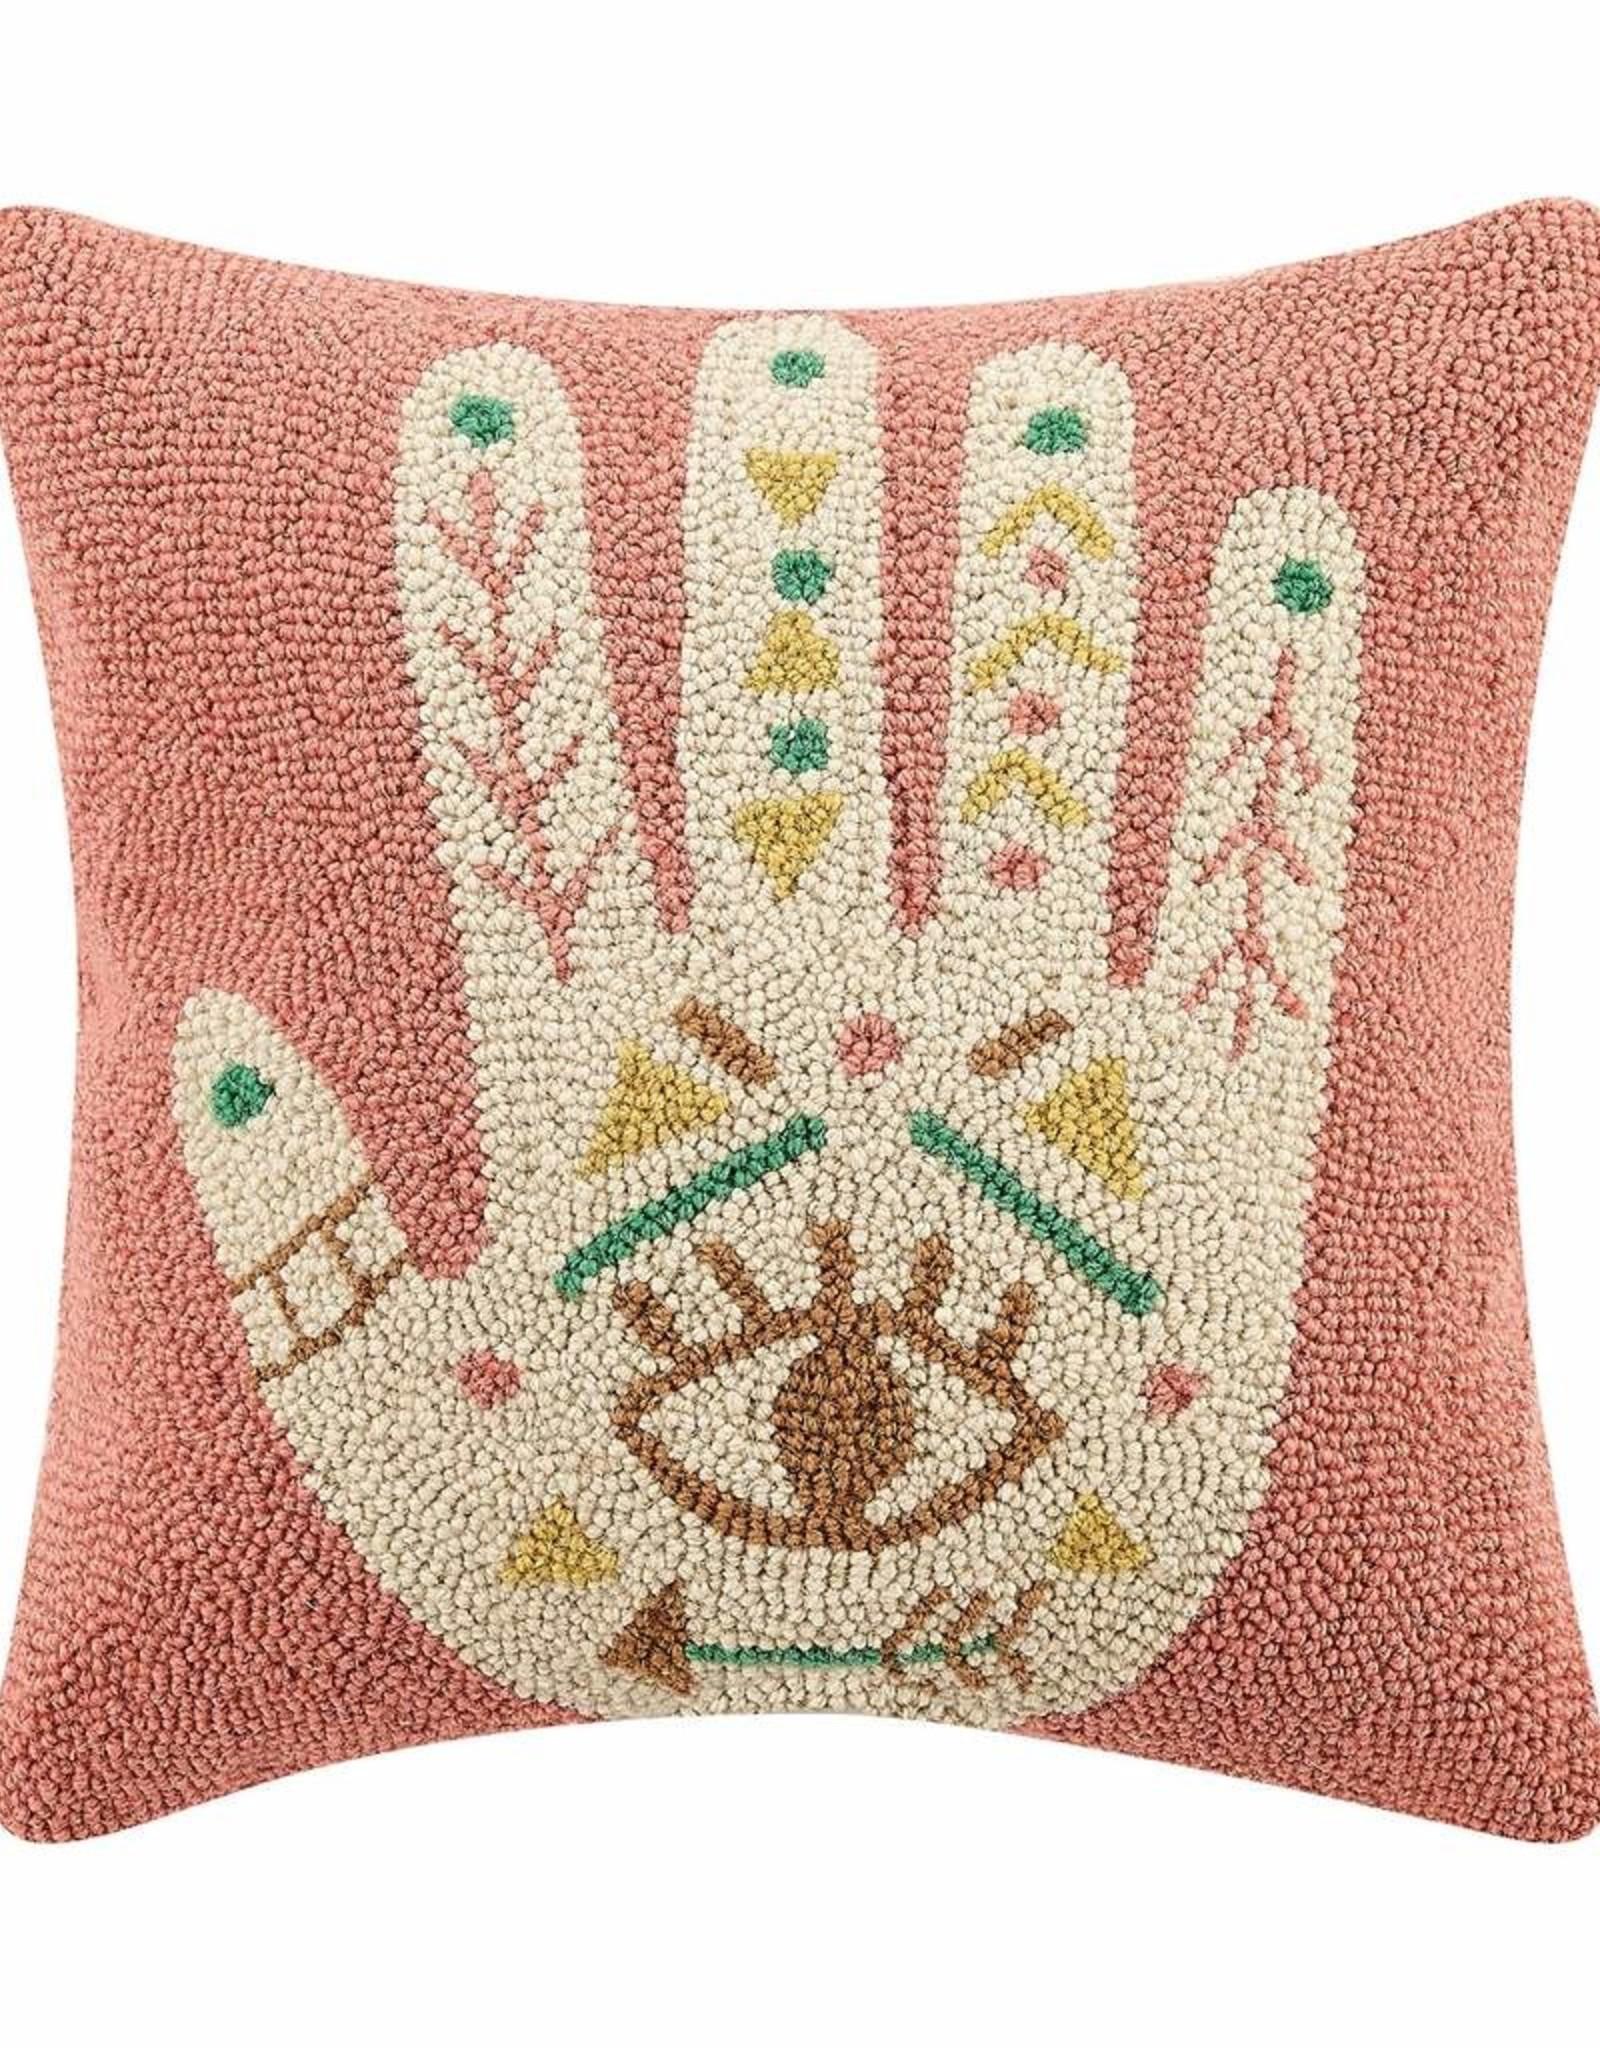 Peking Handicraft Boho Hand Hook Pillow